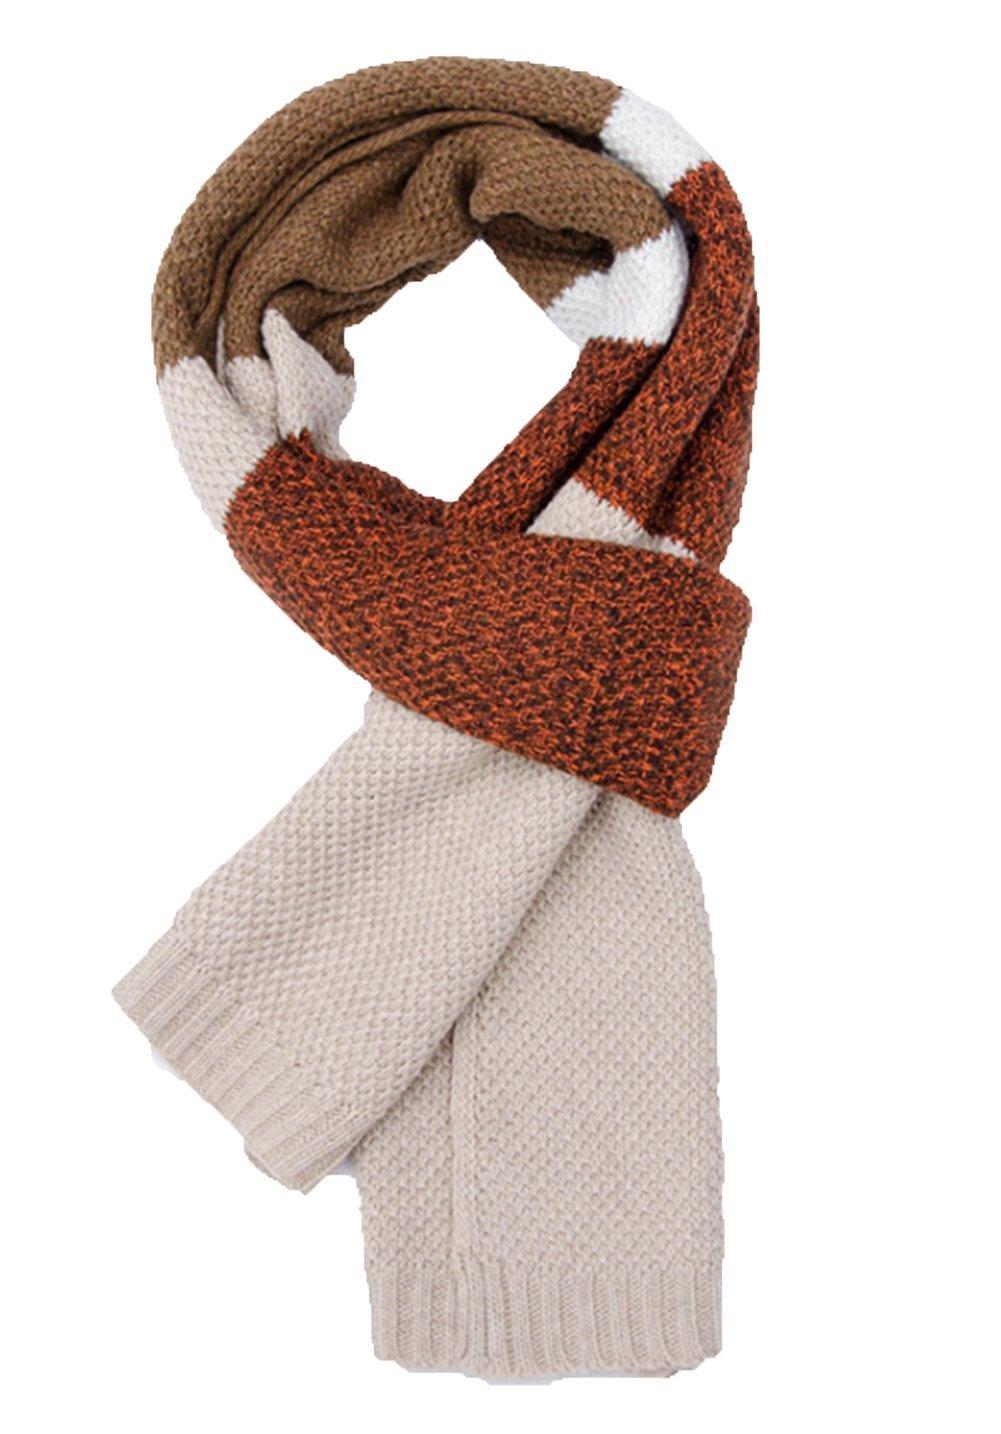 Zedtom Longue /écharpe unisexe tissu chaud pour l/'hiver 190 x 30/cm color/ée